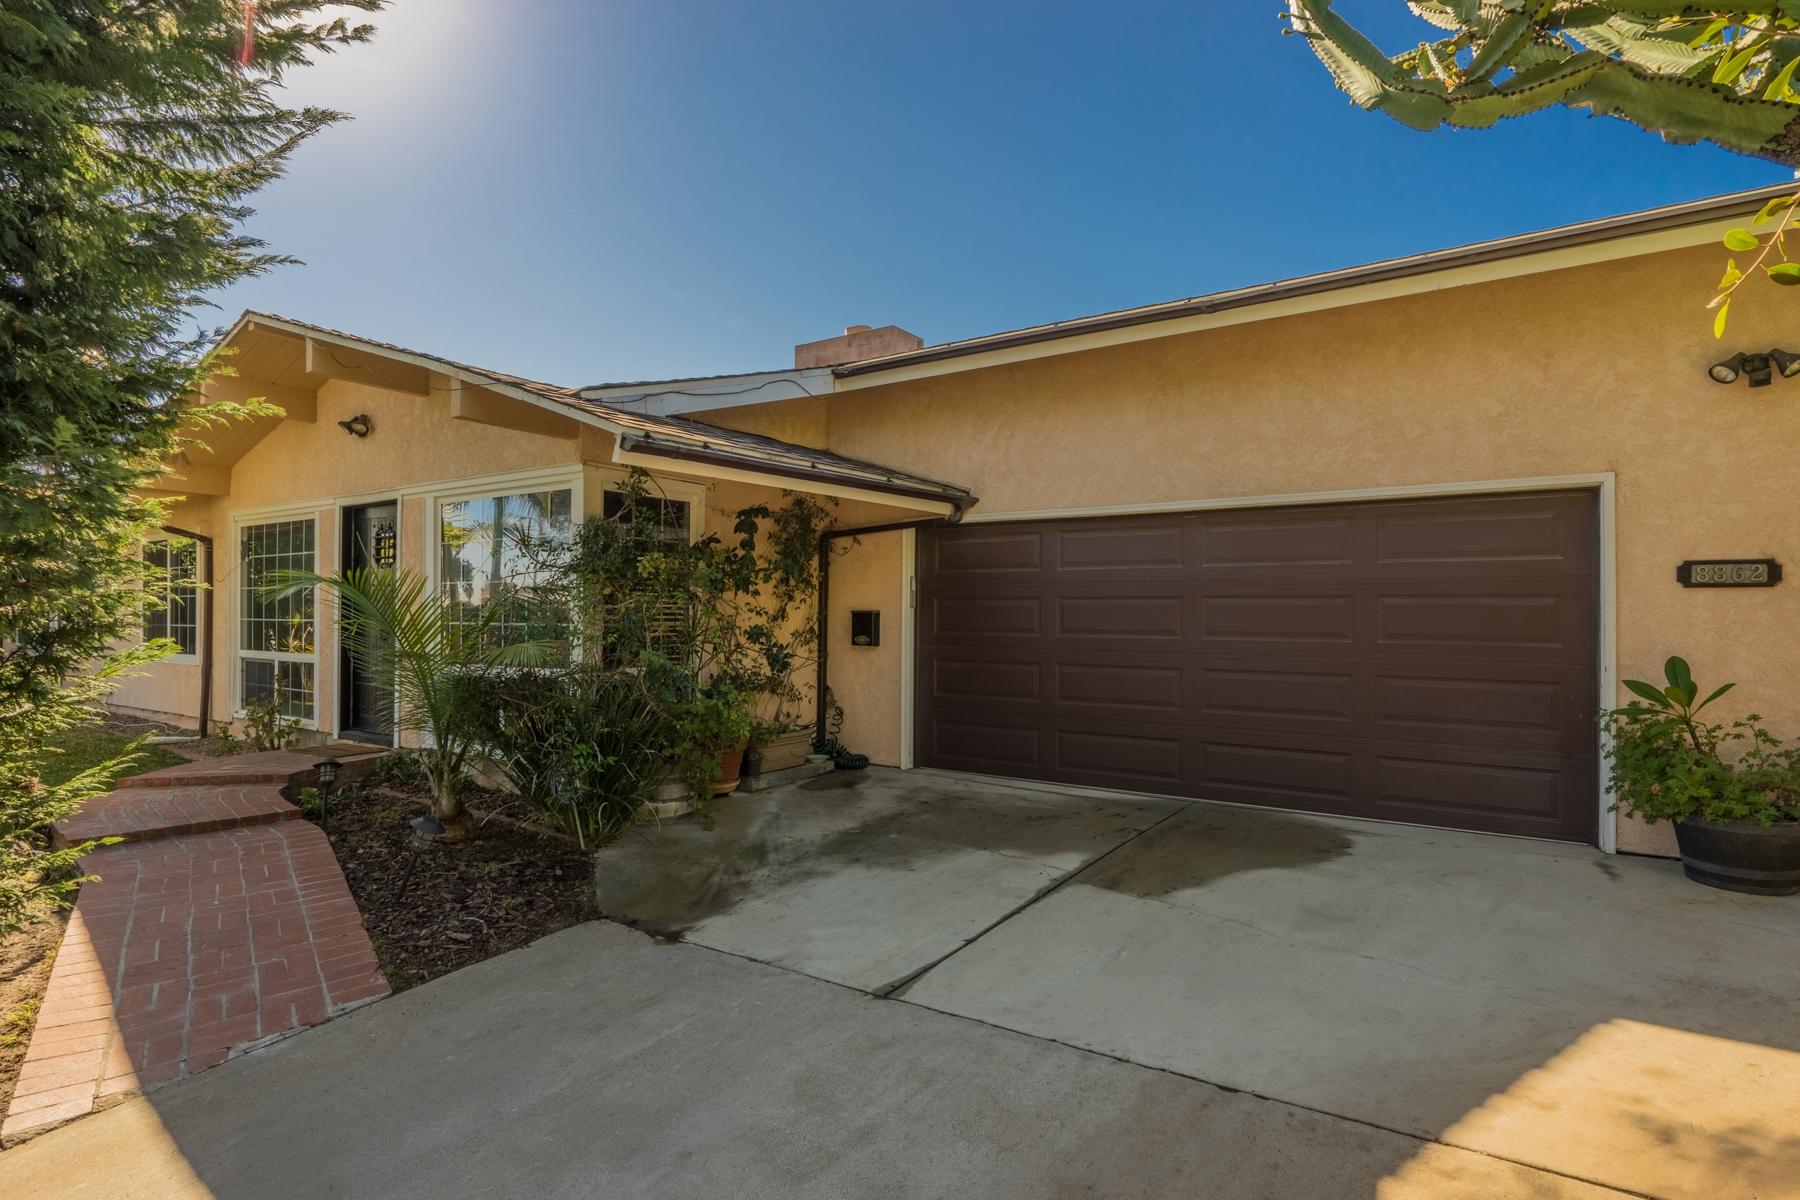 Single Family Home for Sale at 8862 La Jolla Scenic Drive North La Jolla, California, 92037 United States